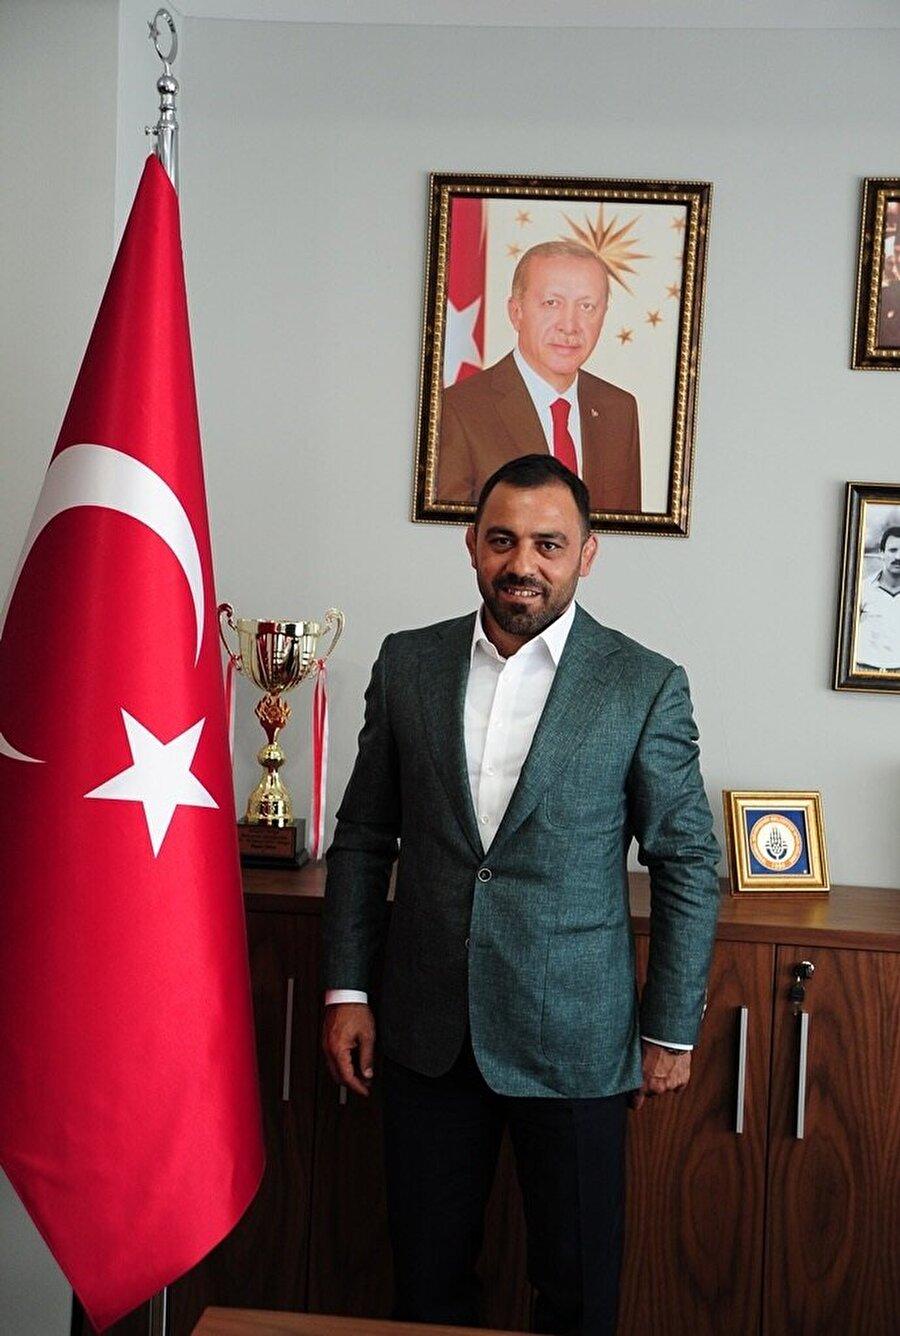 Cumhurbaşkanı Recep Tayyip Erdoğan tarafından Gençlik ve Spor Bakanlığı yardımcılığına efsane güreşçi Hamza Yerlikaya atandı.